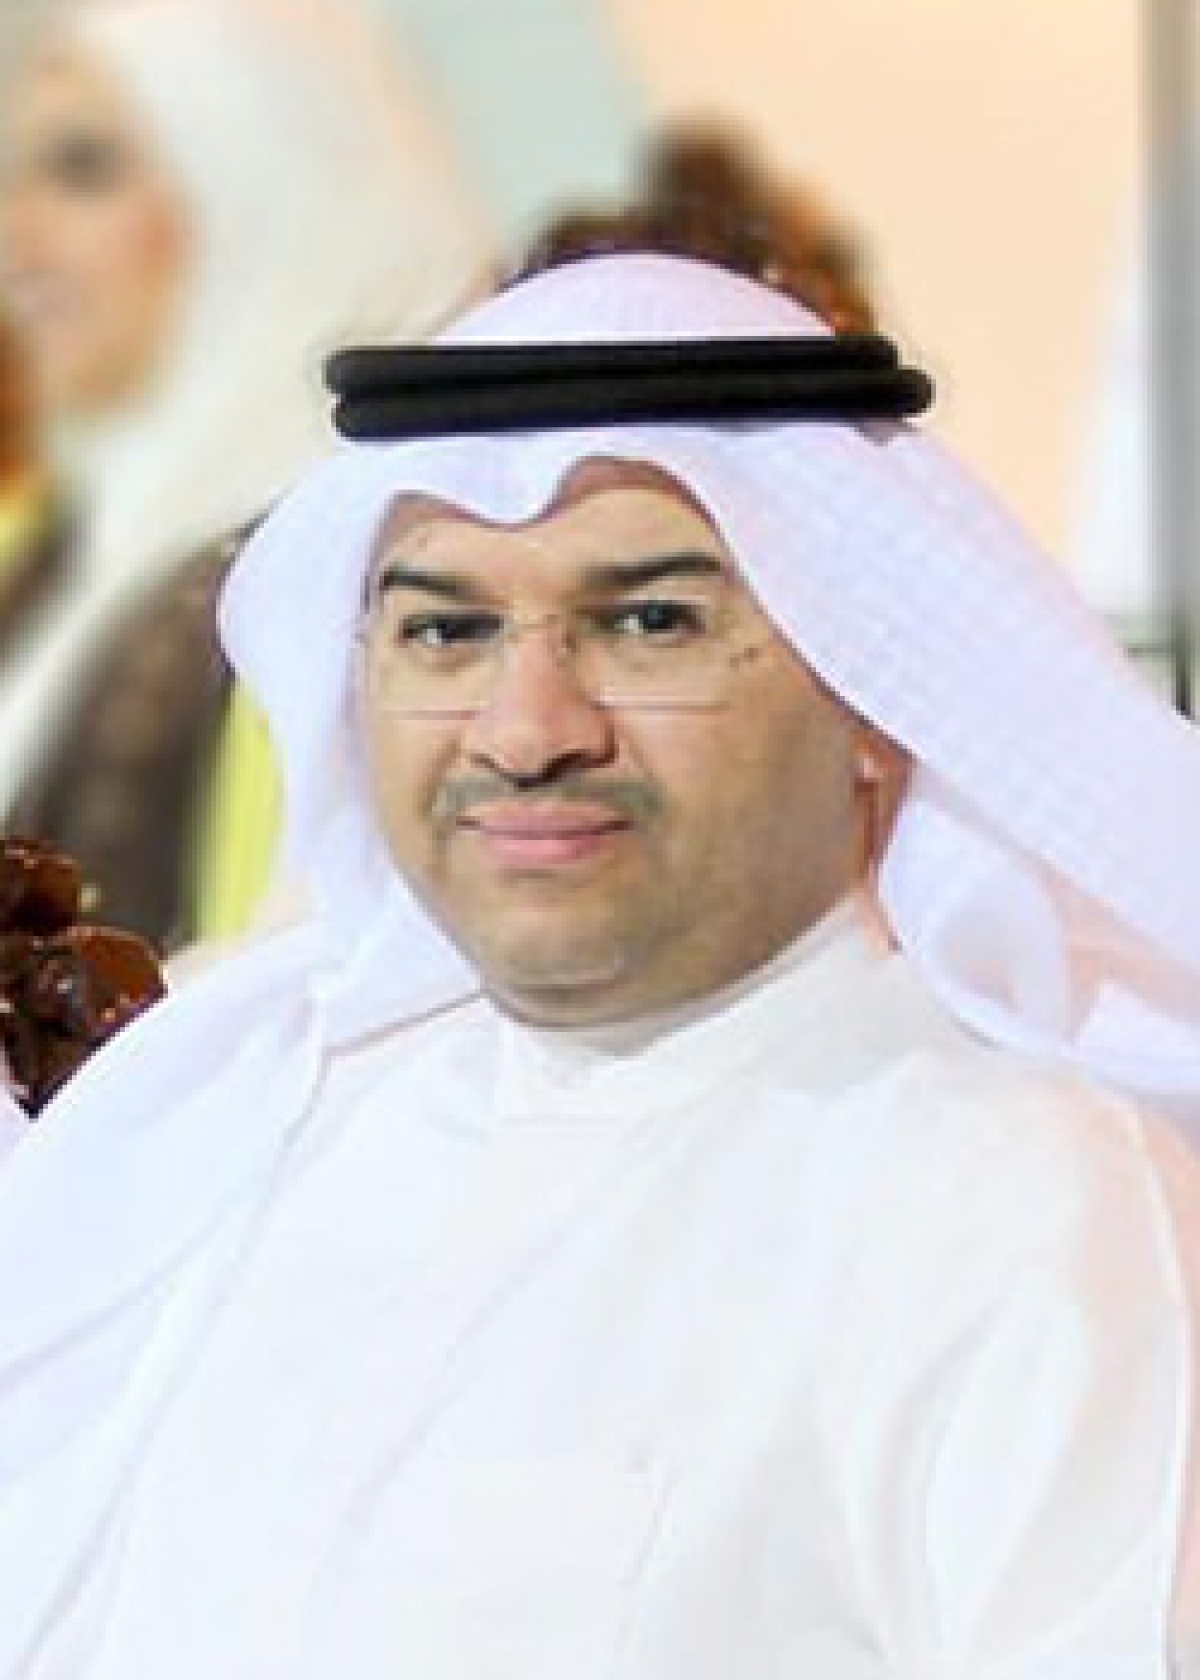 mohammed al mubaraki